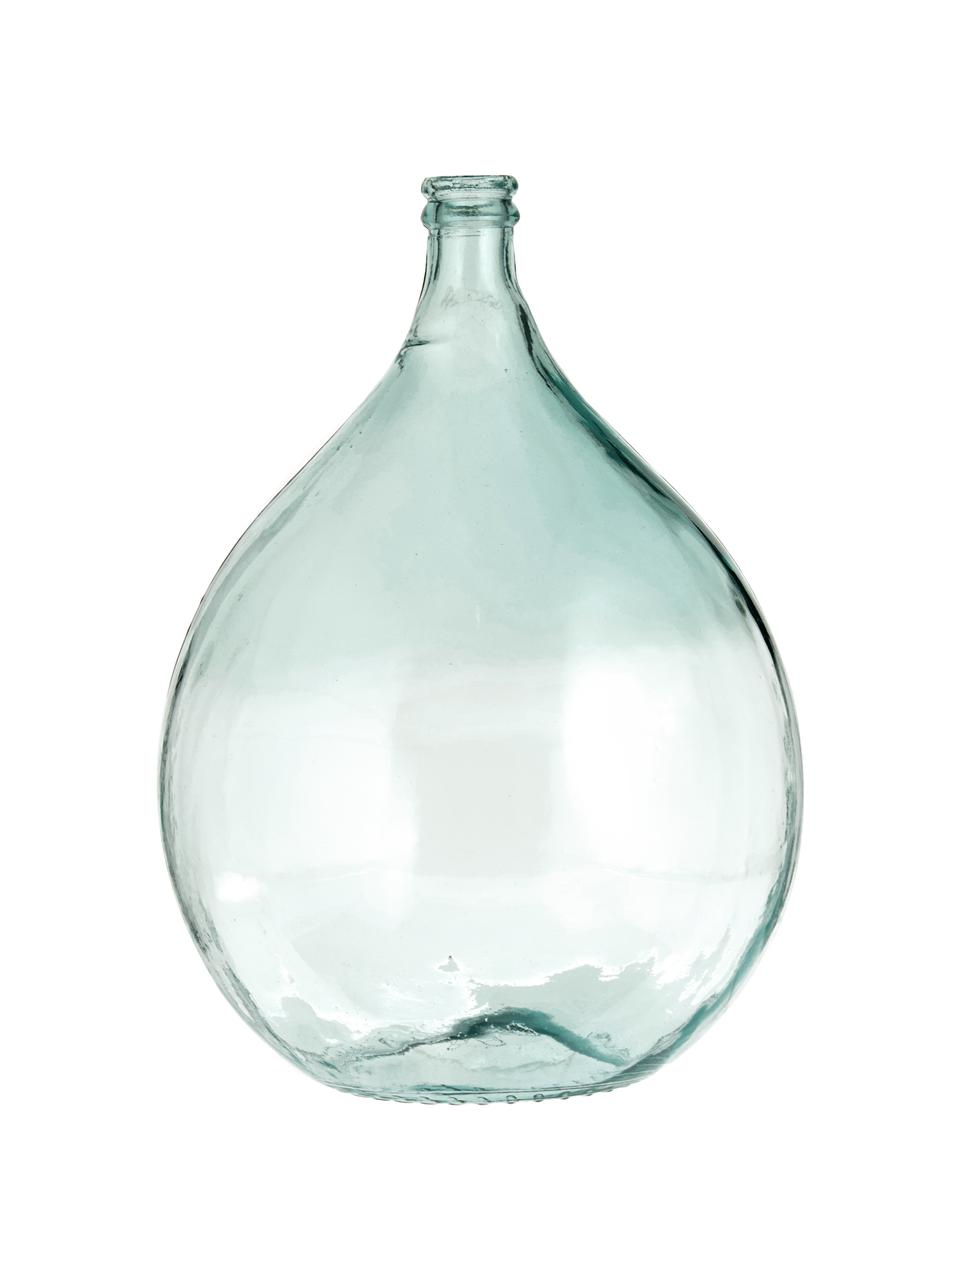 Vaso da pavimento in vetro riciclato Drop, Vetro riciclato, Azzurro, Ø 40 x Alt. 56 cm